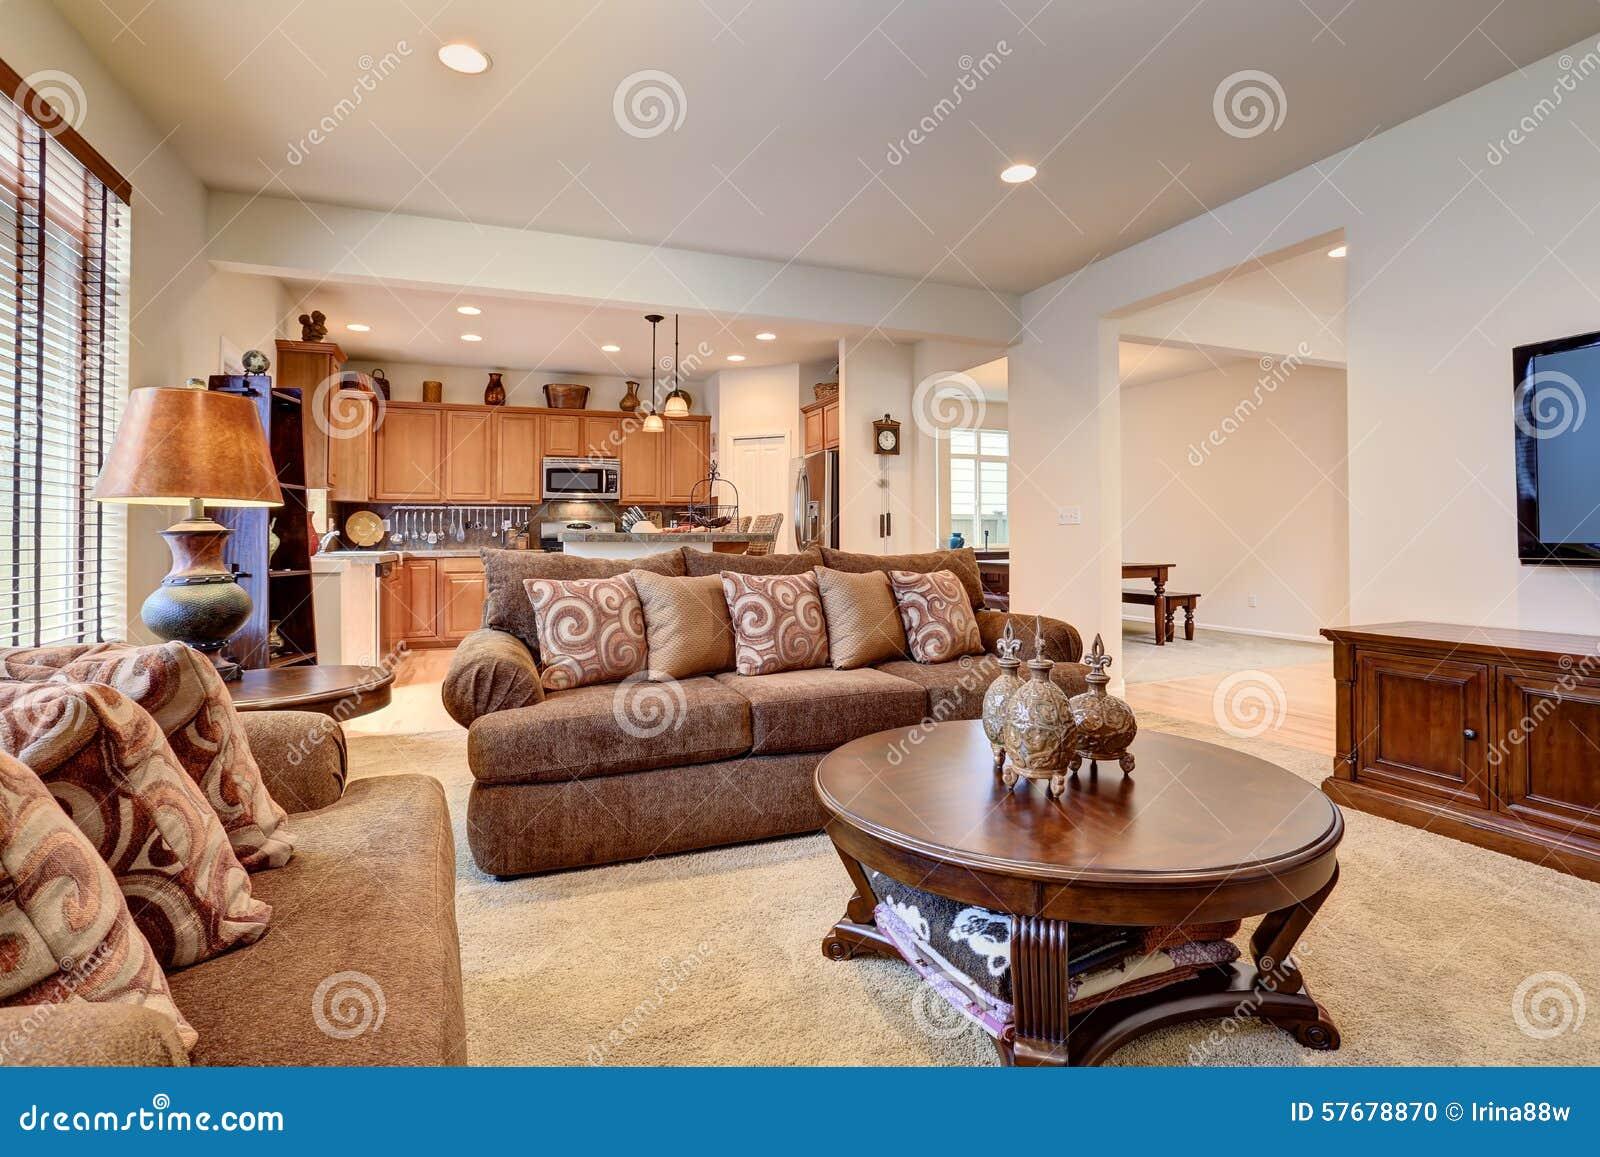 typisches wohnzimmer im amerikanischen haus mit teppich. Black Bedroom Furniture Sets. Home Design Ideas